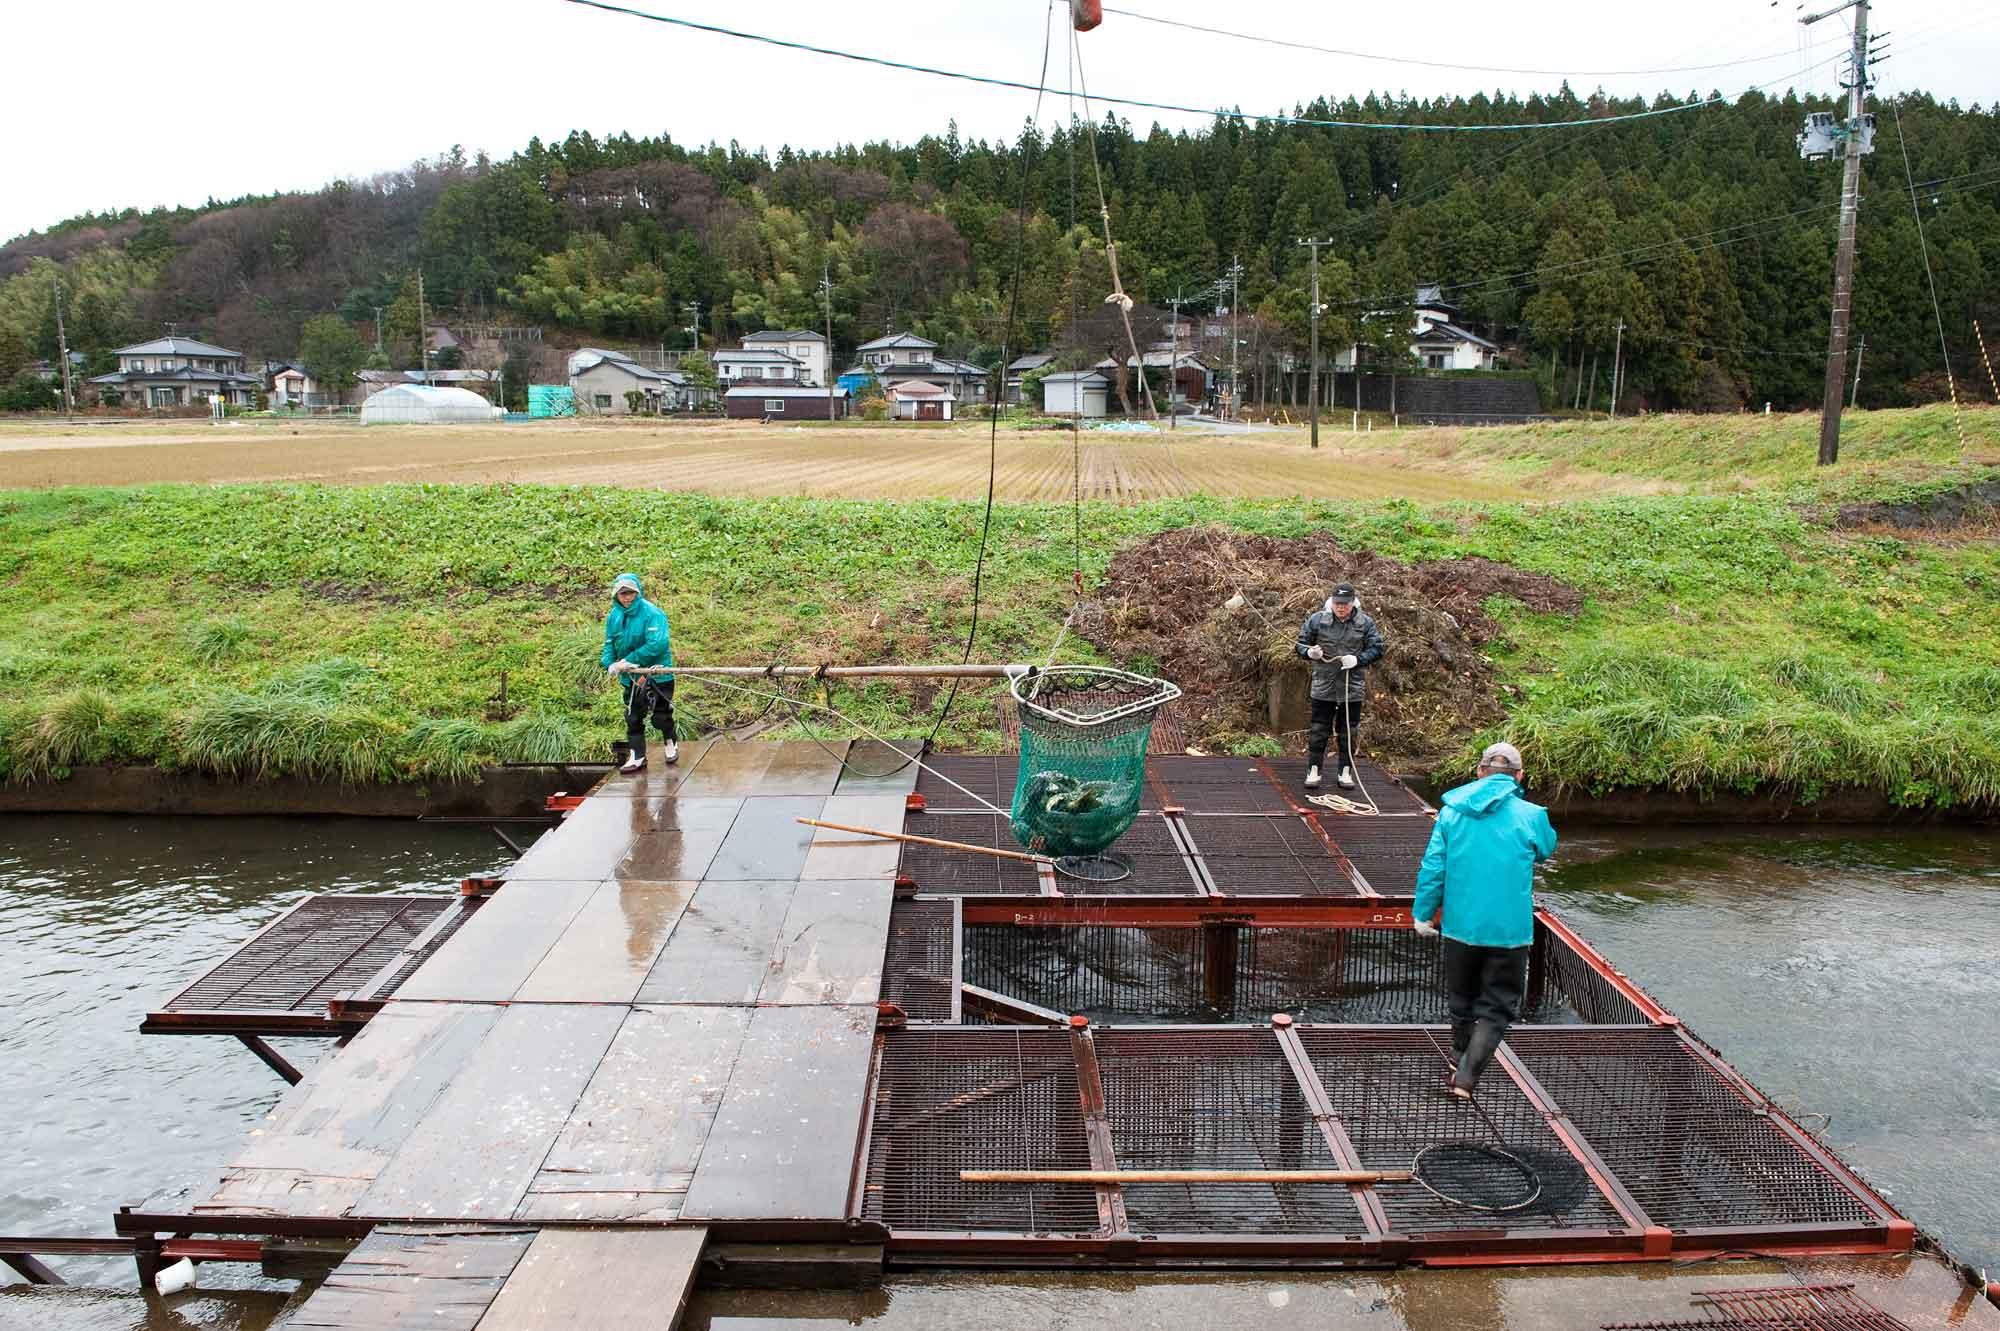 山形県アンテナショップおいしい山形 つくり手を訪ねて|さけます増殖資源加工センター:                 滝淵川に仕掛けられてたヤナ場。多い日には1日3,000匹の鮭がやって来ます。